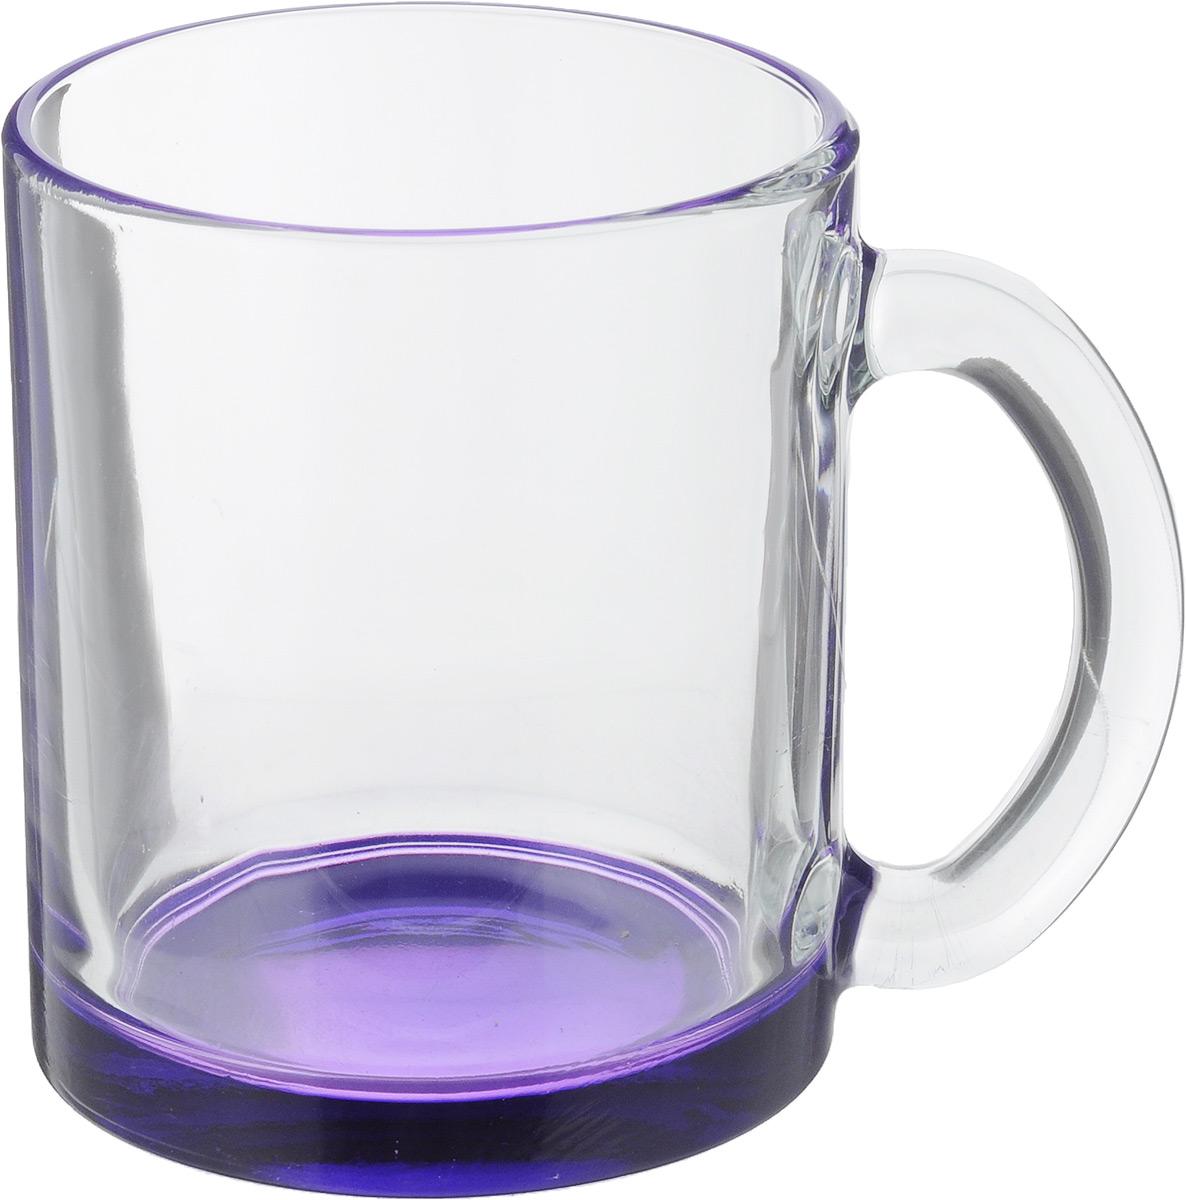 Кружка OSZ Чайная, цвет: прозрачный, фиолетовый, 320 мл04C1208LM_ прозрачный, фиолетовыйКружка OSZ Чайная изготовлена из стекла двух цветов. Изделие идеально подходит для сервировки стола. Кружка не только украсит ваш кухонный стол, но и подчеркнет прекрасный вкус хозяйки. Диаметр кружки (по верхнему краю): 8 см. Высота кружки: 9,5 см. Объем кружки: 320 мл.